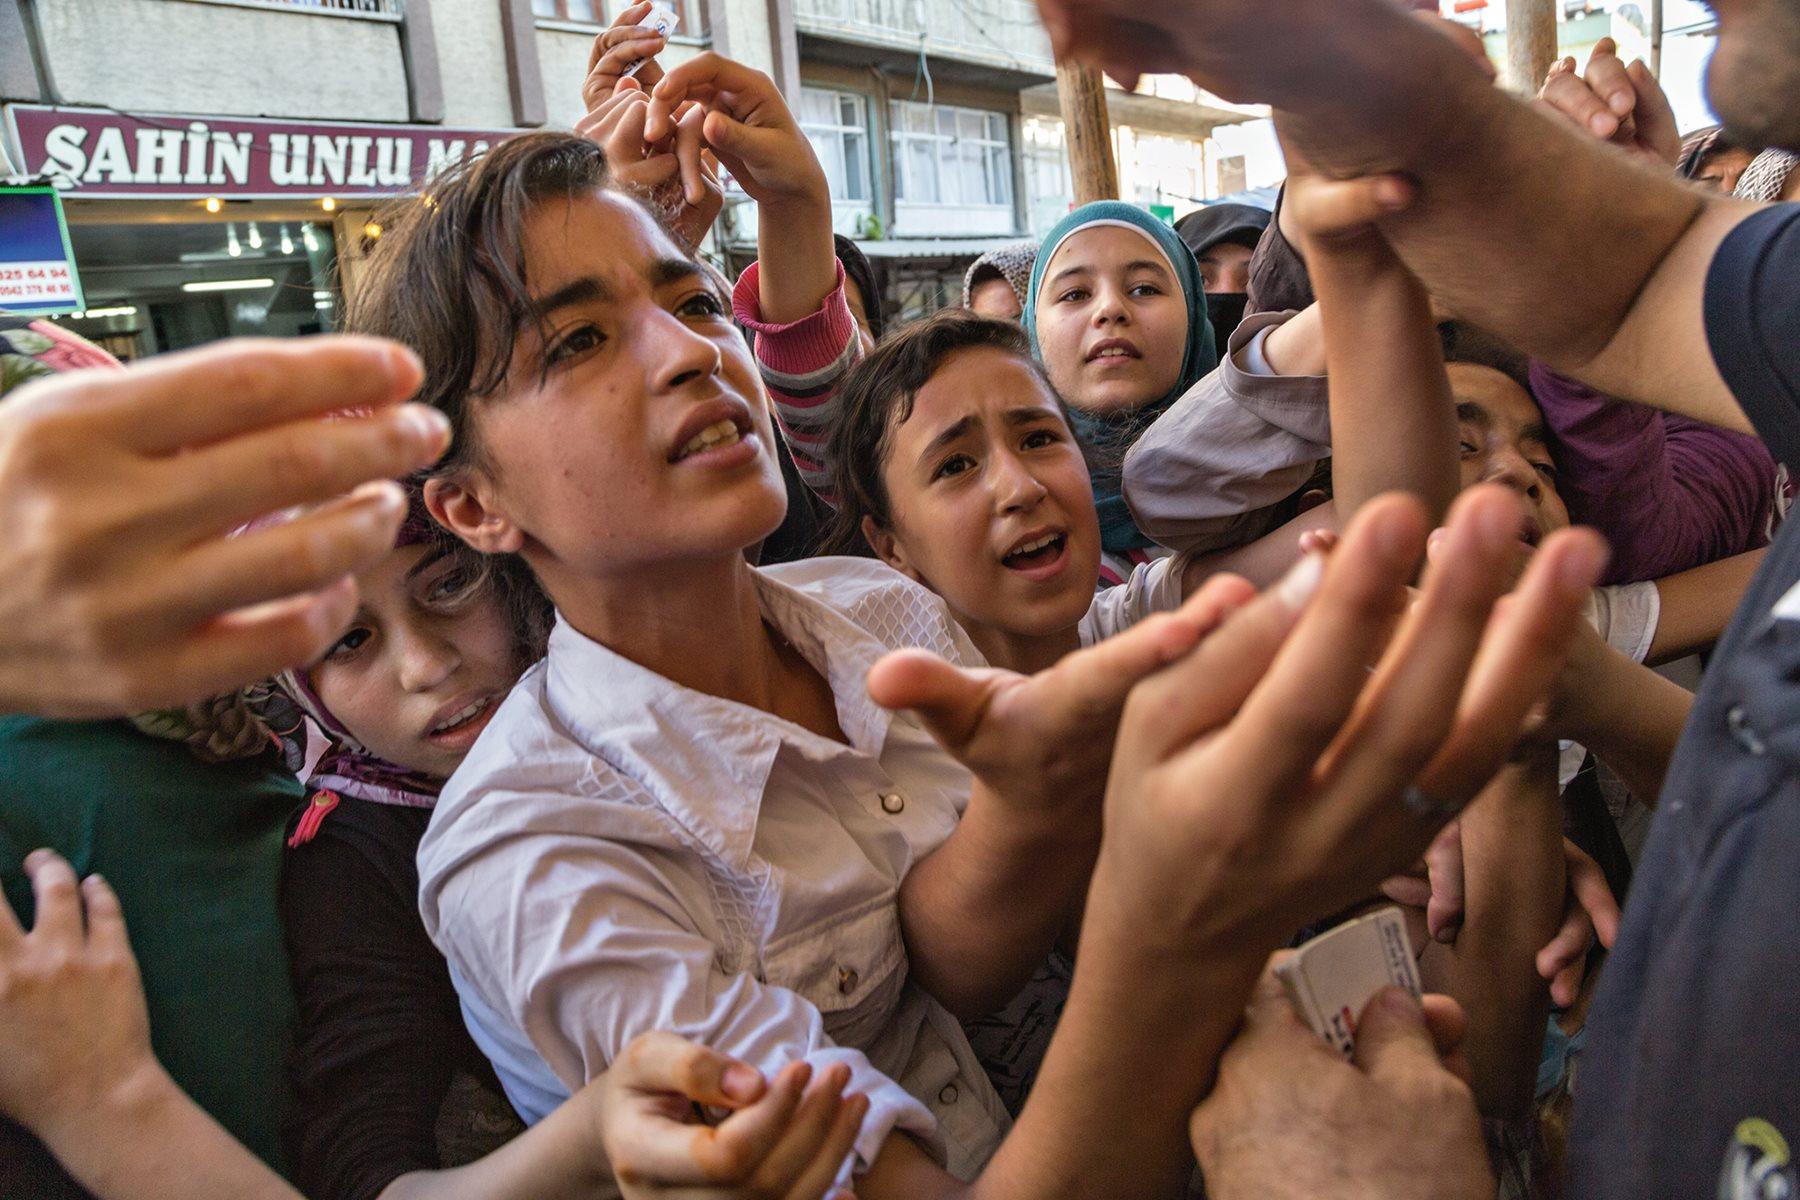 La vida no es fácil para los 350.000 sirios que se calcula se han establecido en la ciudad de Gaziantep y alrededores. Mujeres y niños se agolpan en torno a un panadero que reparte vales canjeables por pan (2015). John Stanmeyer/National Geographic